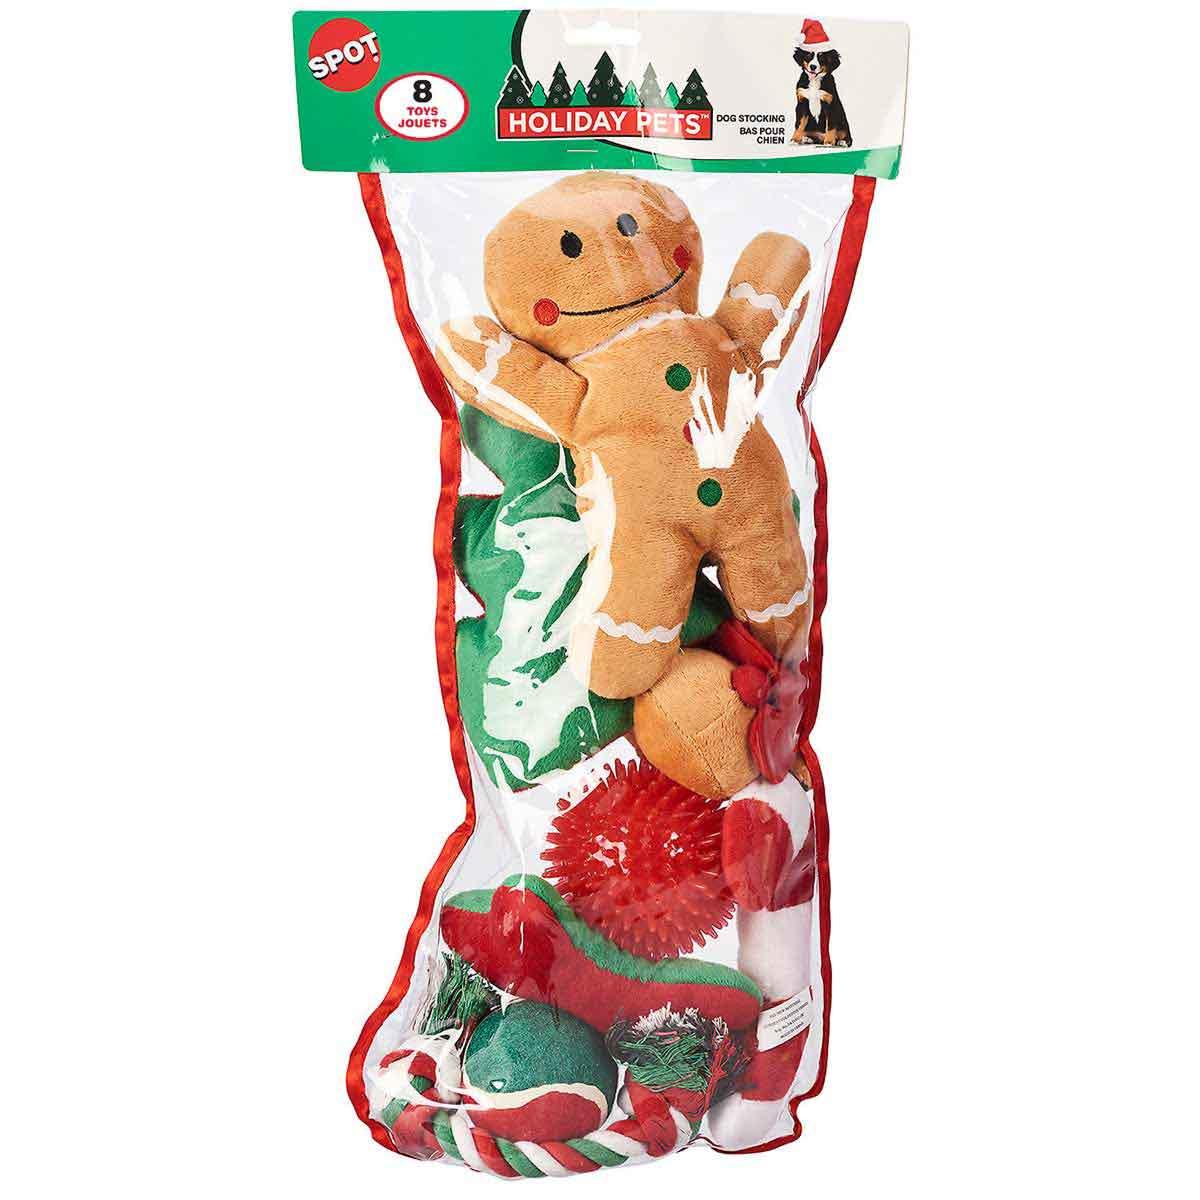 X Large 8 Piece Holiday Dog Stocking